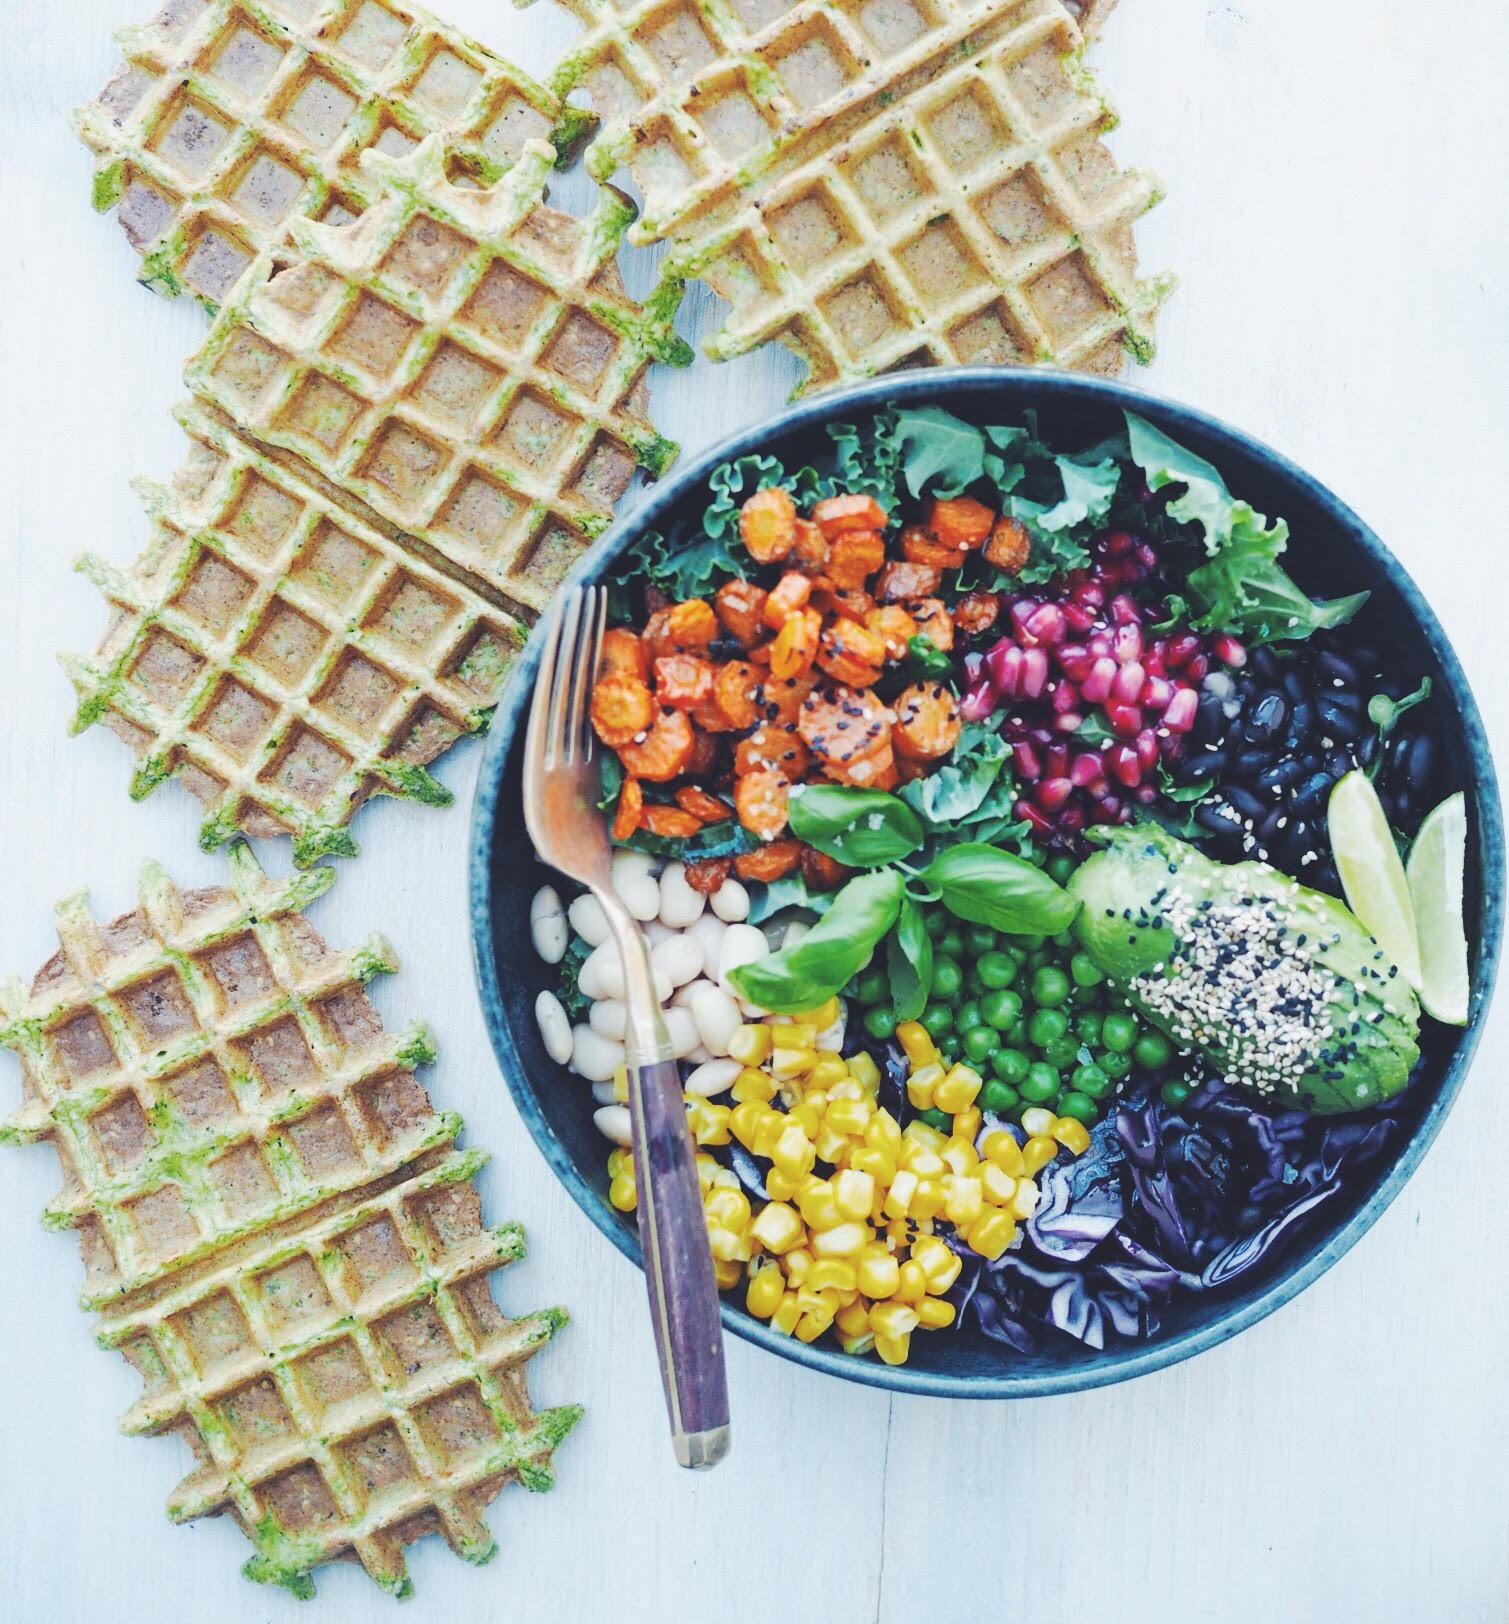 Regnbue Bowl med gulerødder, majs, sorte bønner, kål, basilikum, avokado og lime